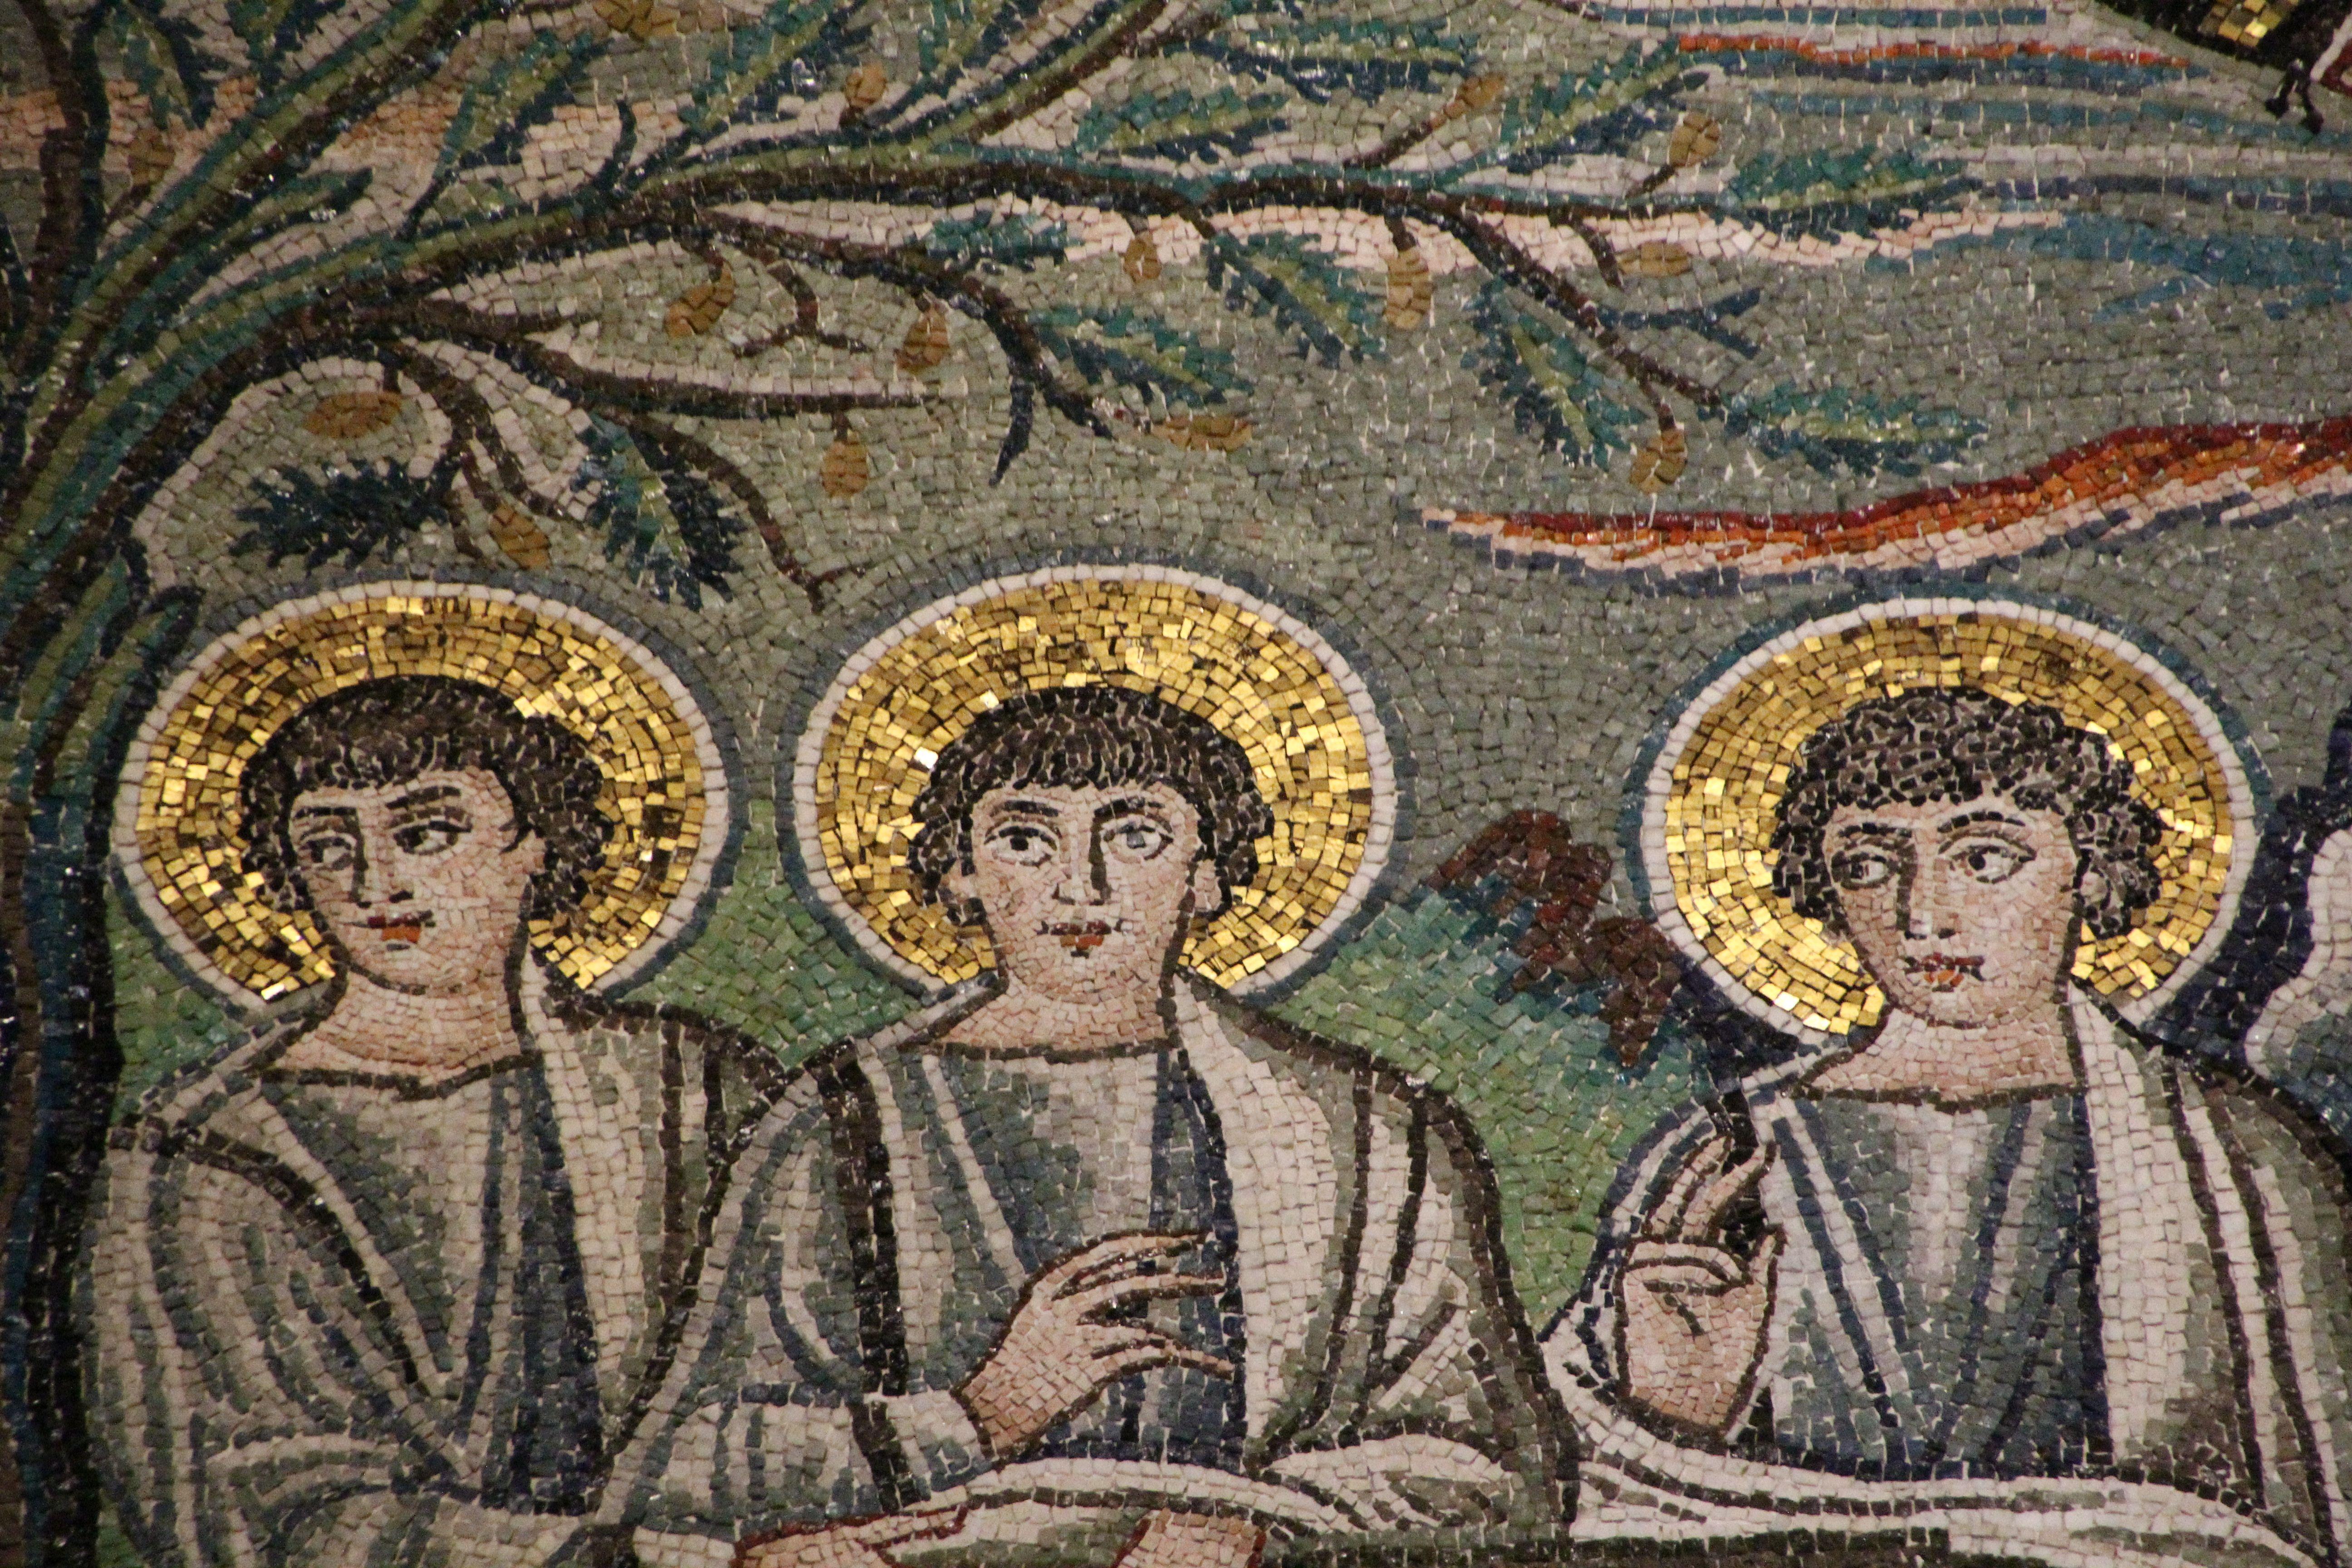 Basilica di San Vitale, Ravenna. I Mosaici bizantini, 546-547. Il periodo di Giustiniano. Abramo e tre angeli venuti ad annunciare la nascita di un figlio